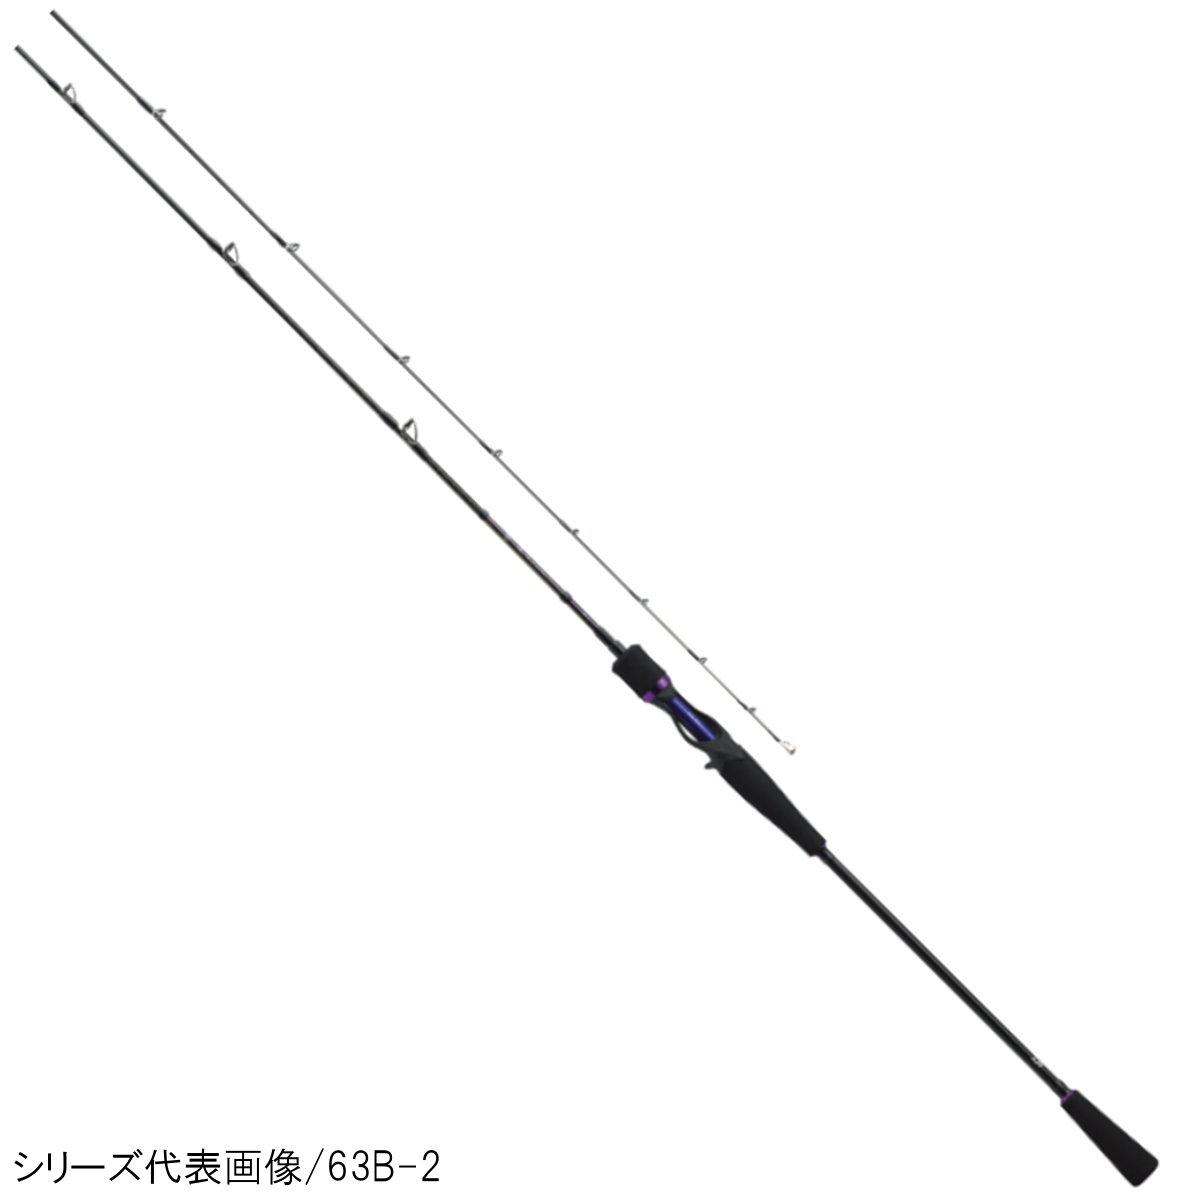 ダイワ 鏡牙 63B-1.5